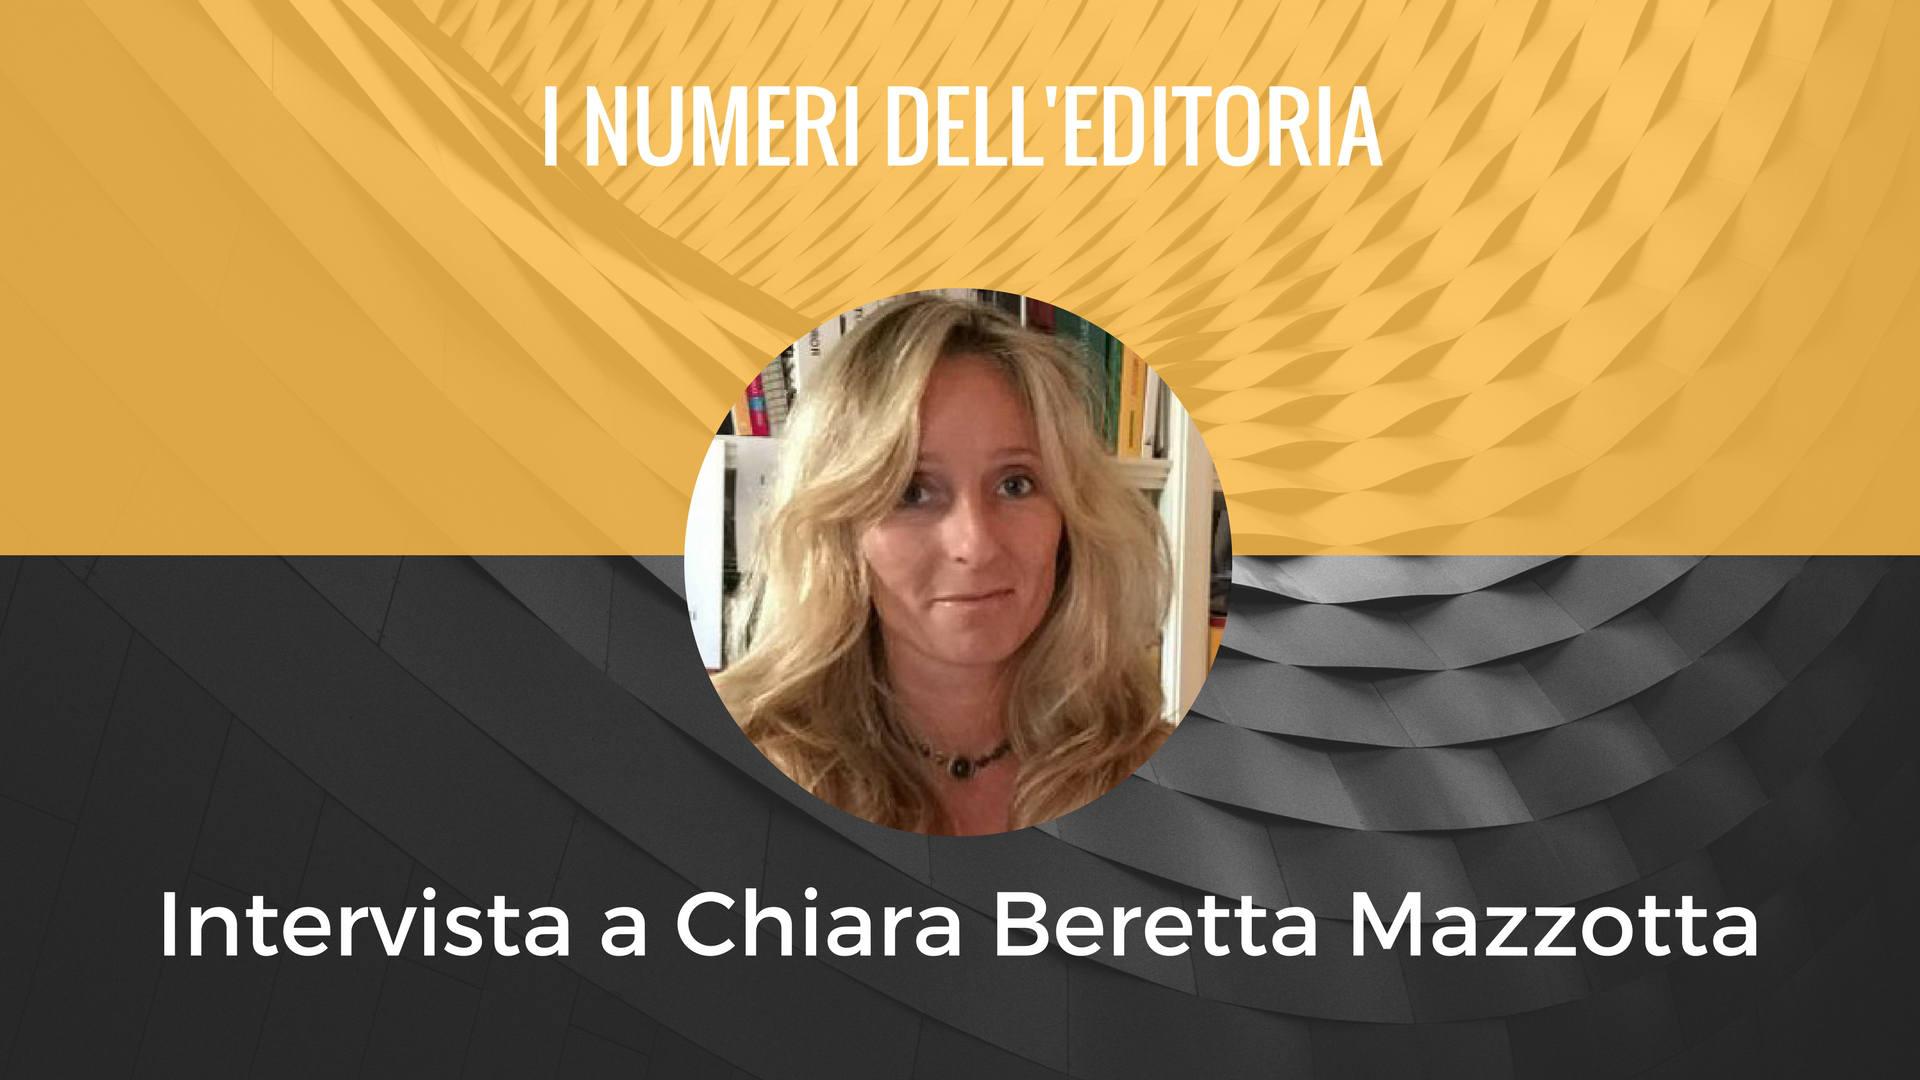 Intervista a Chiara Beretta Mazzotta